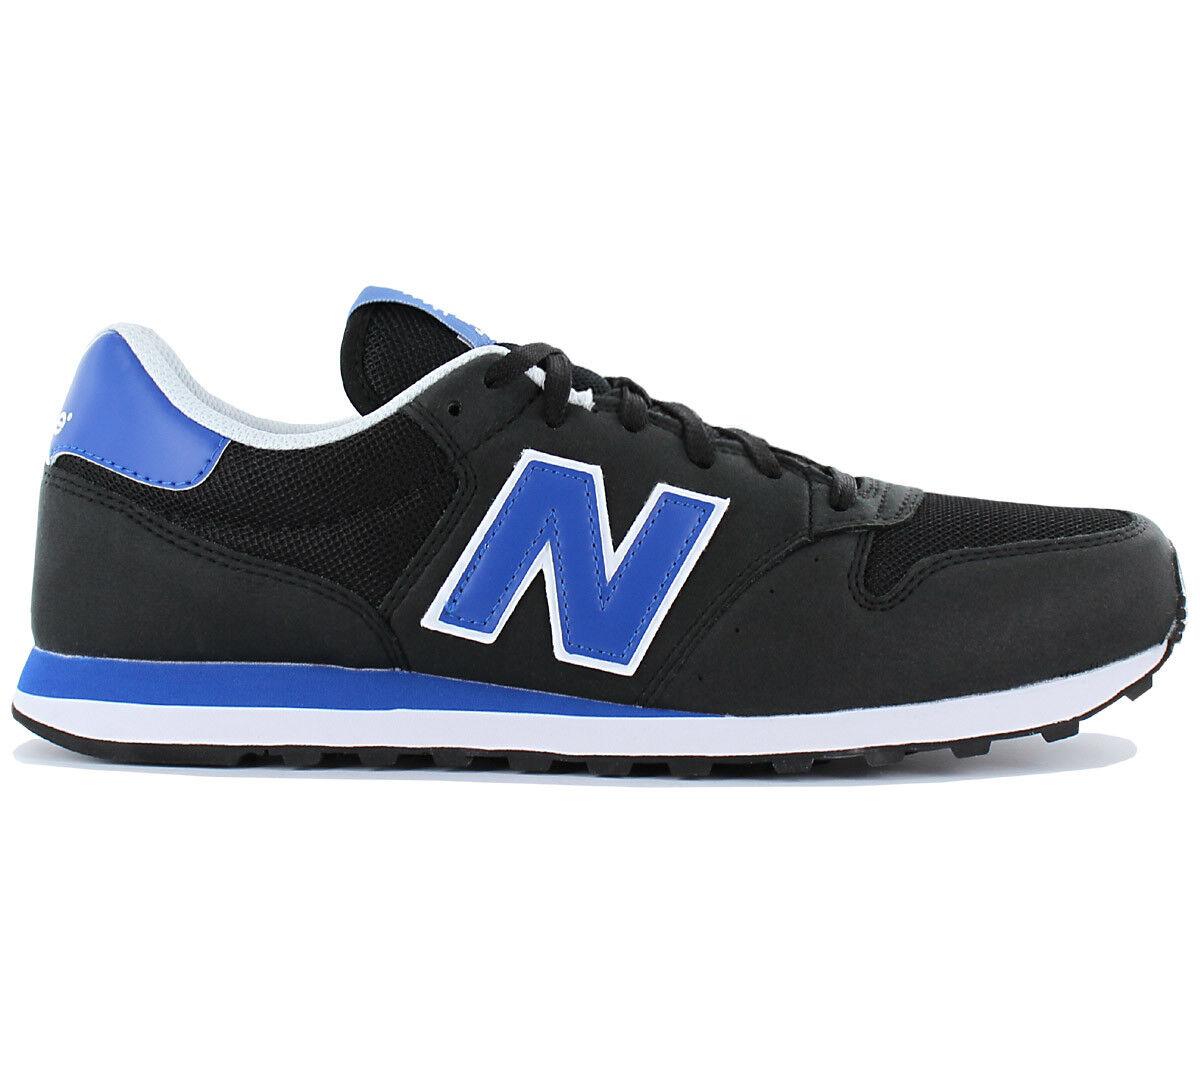 NEW BALANCE CLASSIC 500 Sneaker Scarpe Uomo da Ginnastica Nere NB GM500LY NUOVO Scarpe classiche da uomo